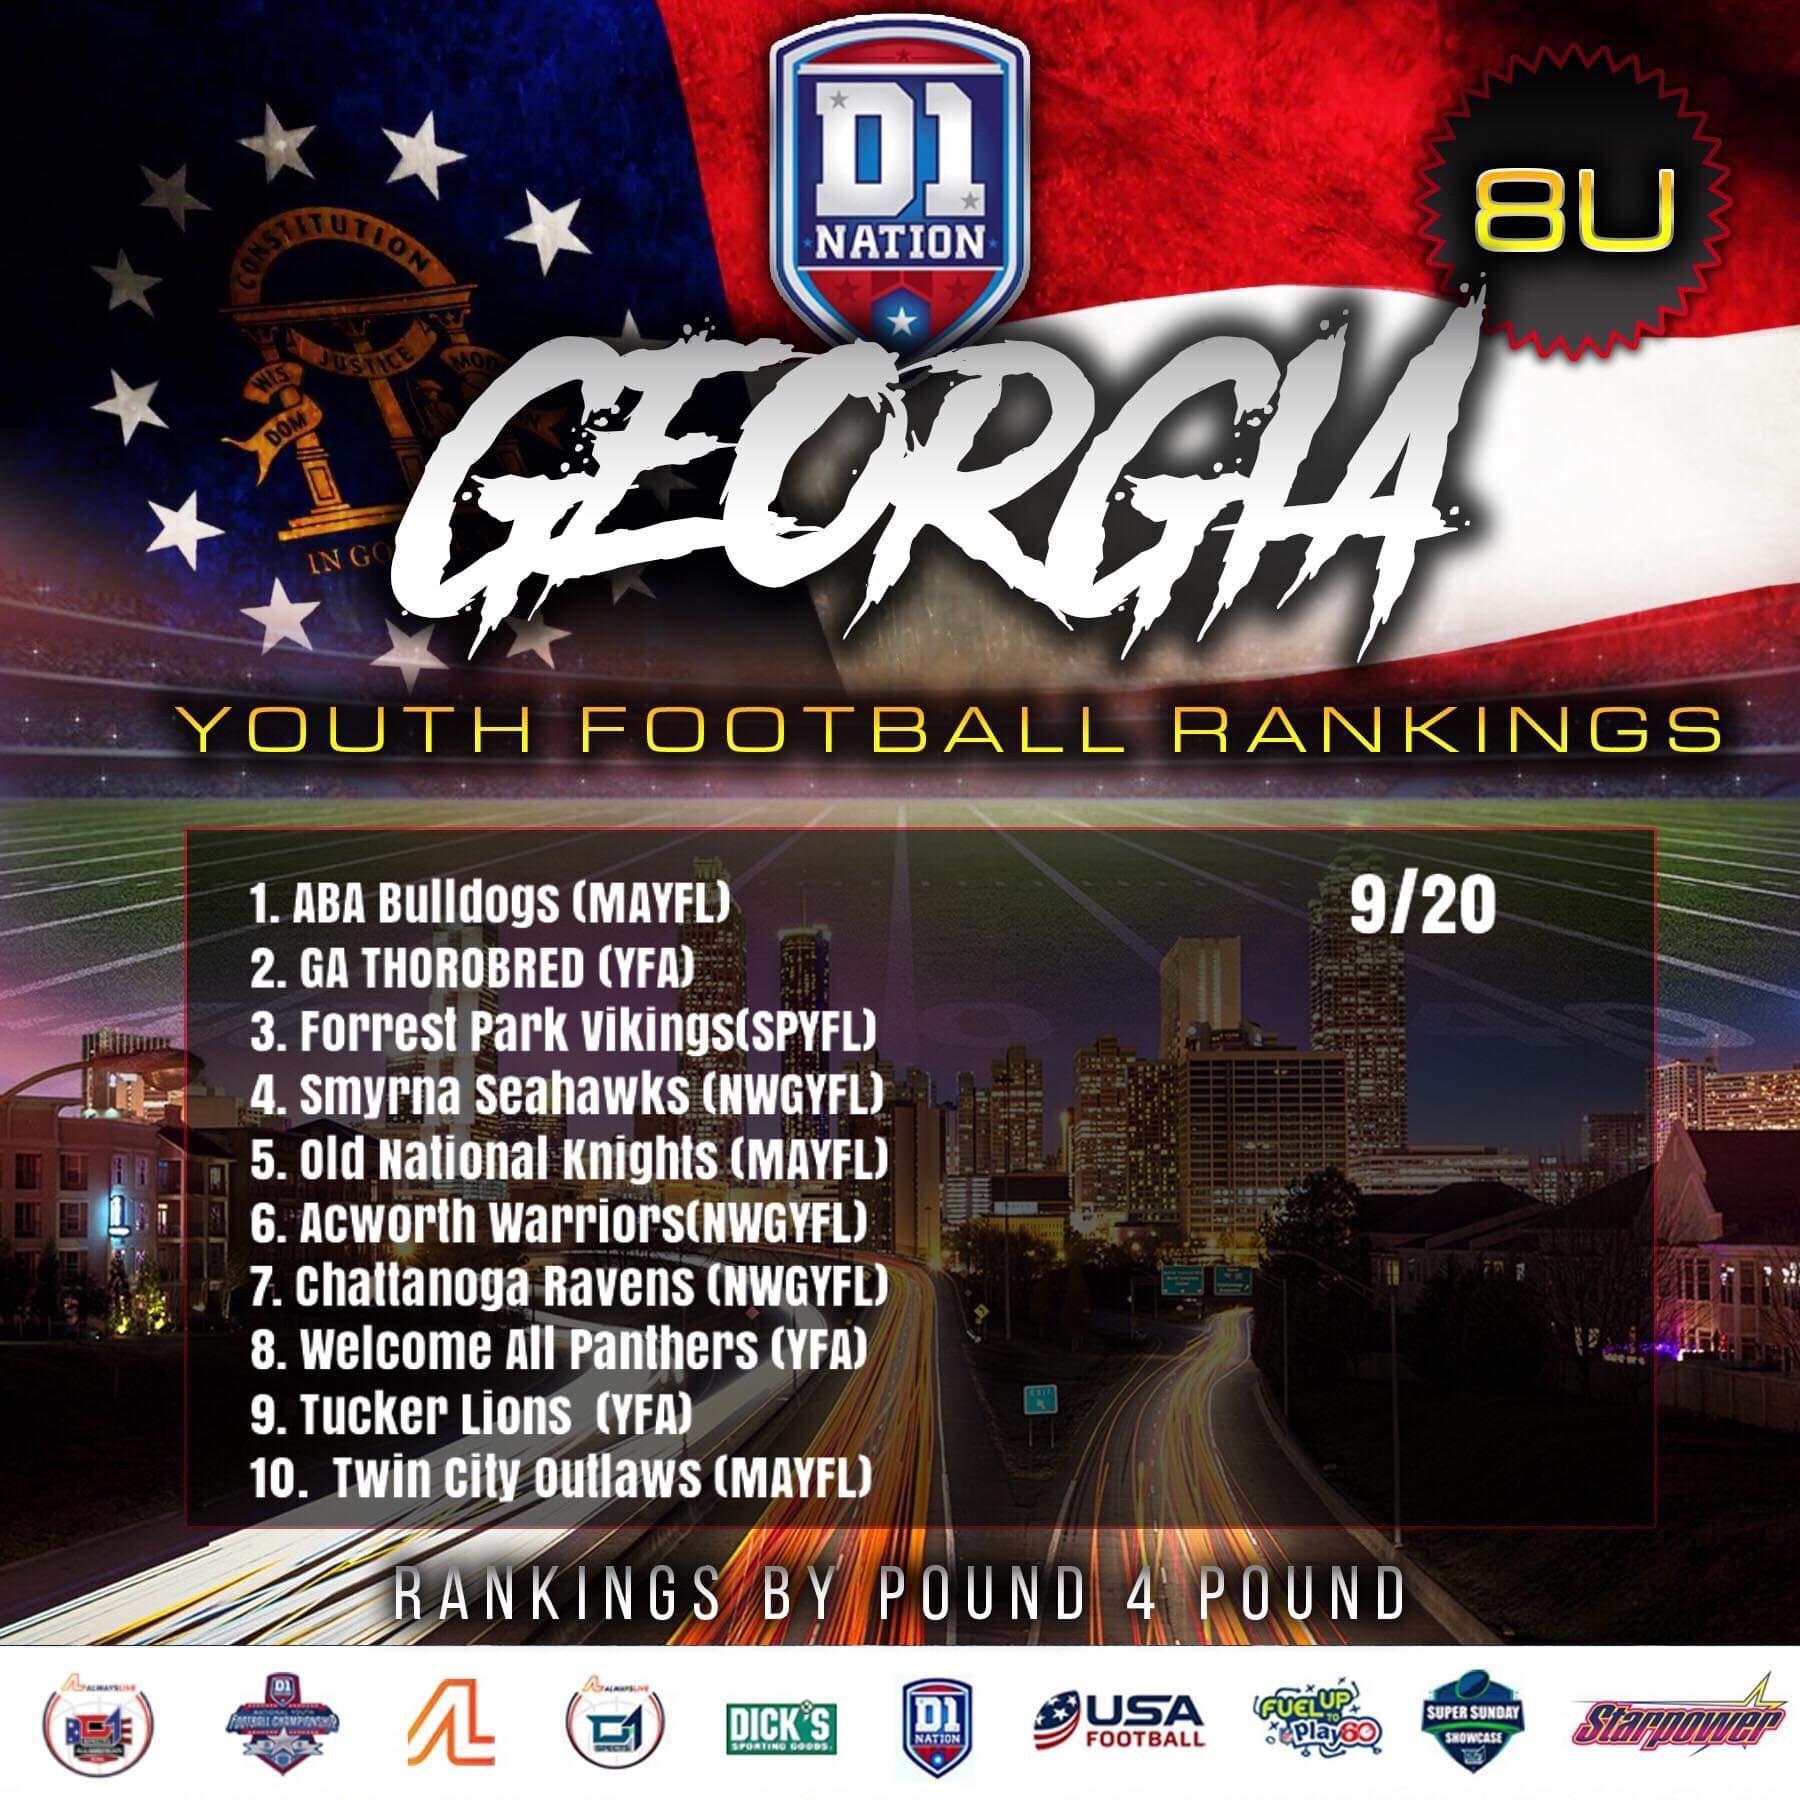 Update 09/26/2019: Georgia Youth Football Rankings – 8U